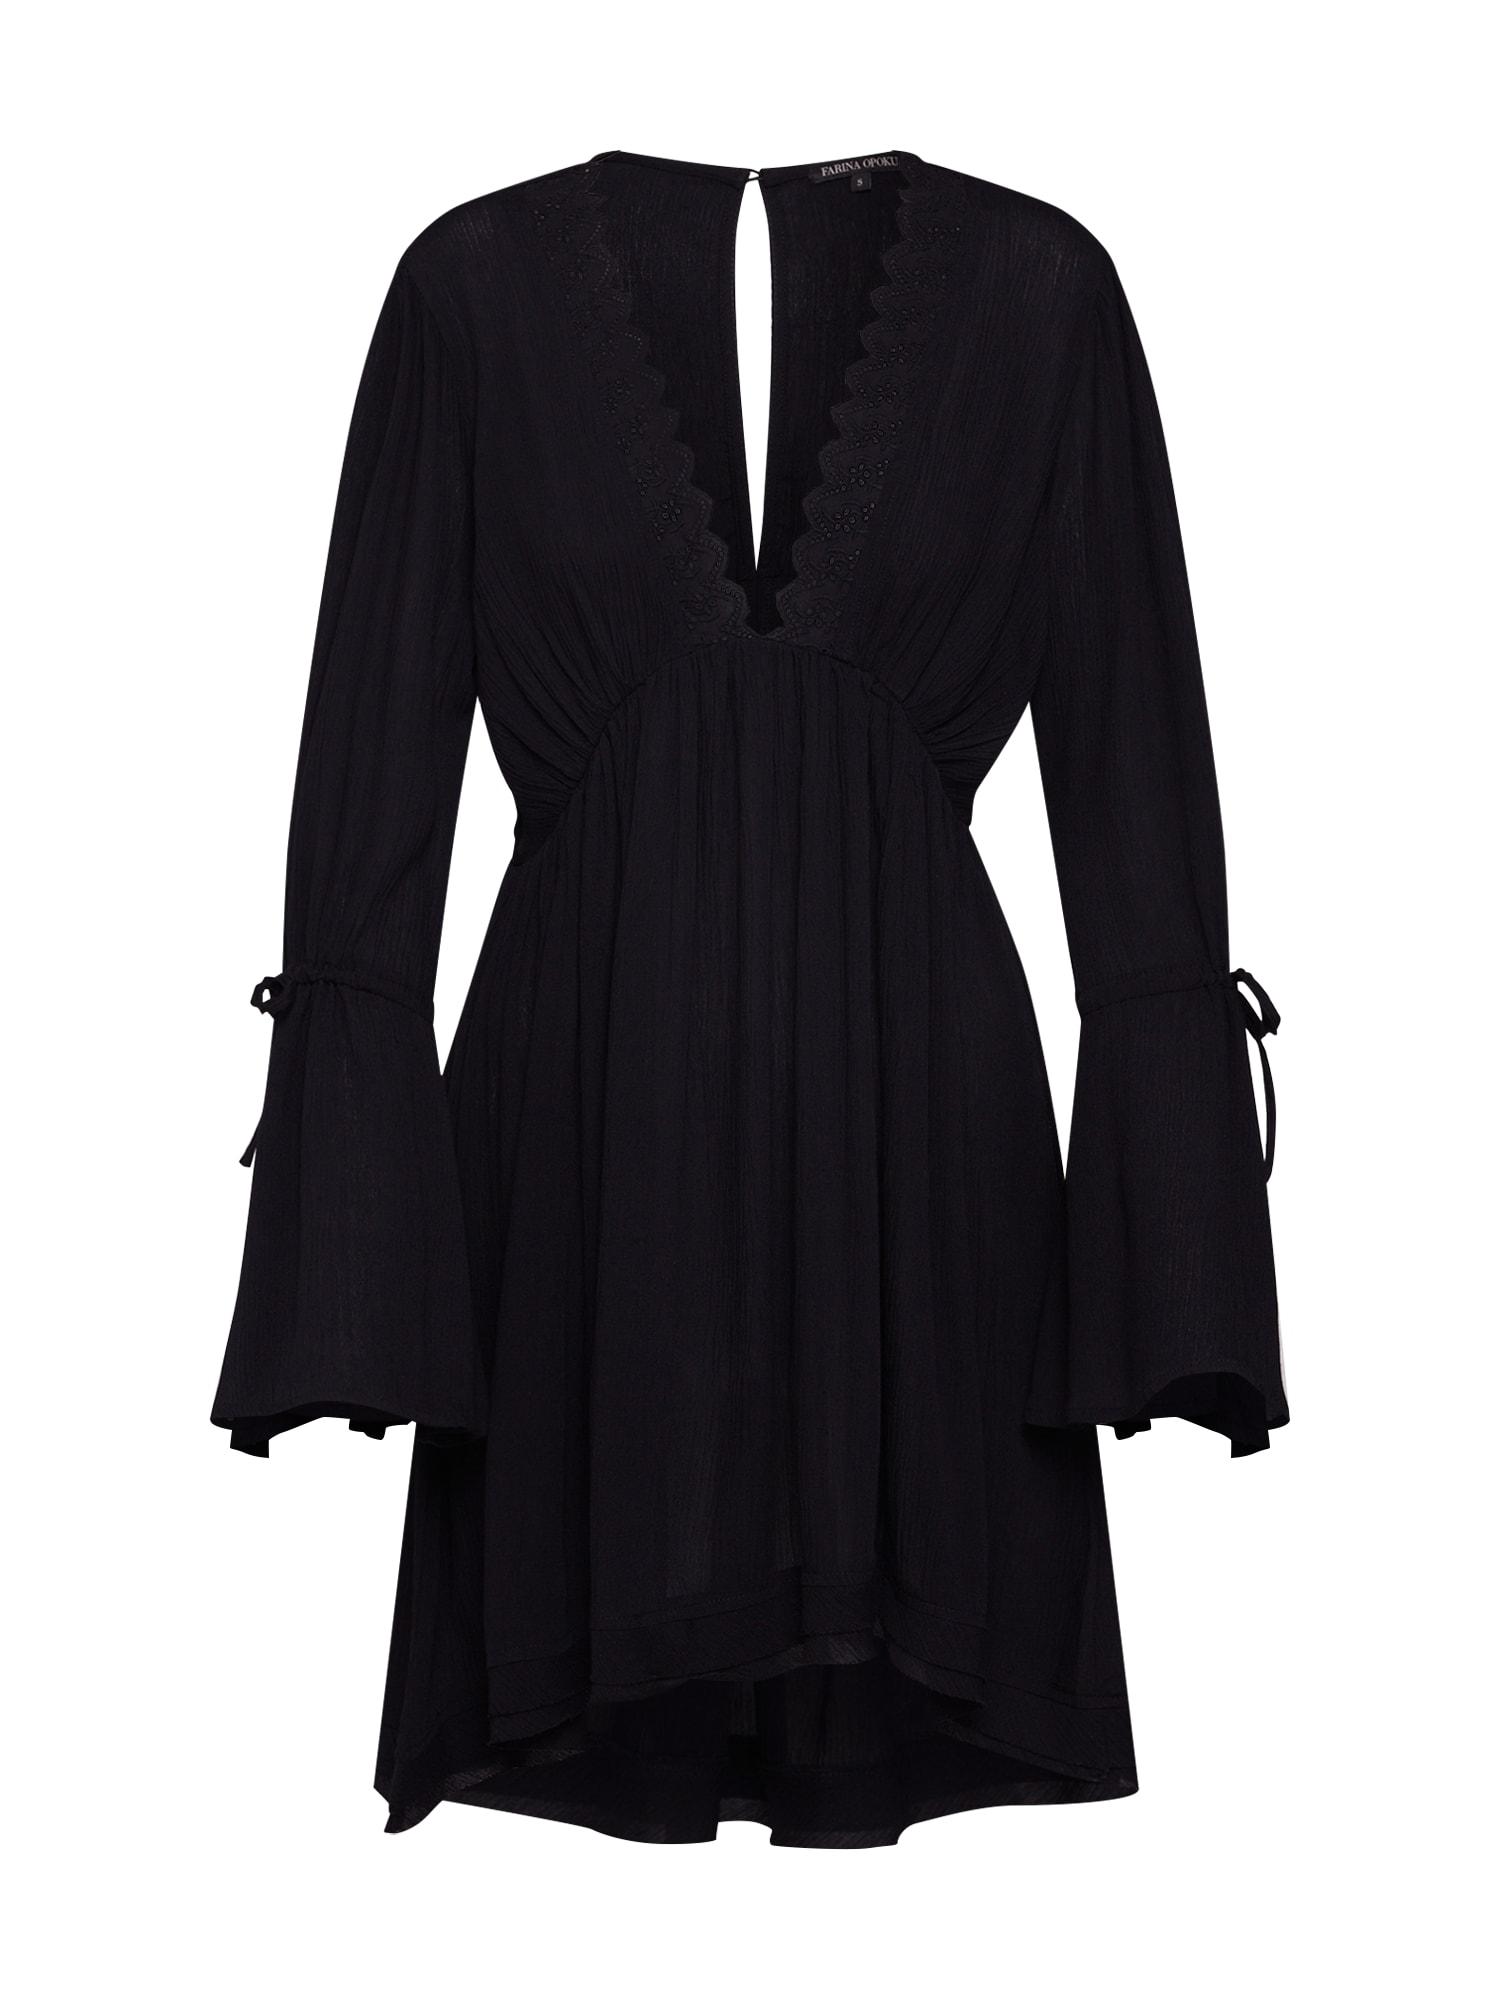 Letní šaty SHIVA černá Farina Opoku